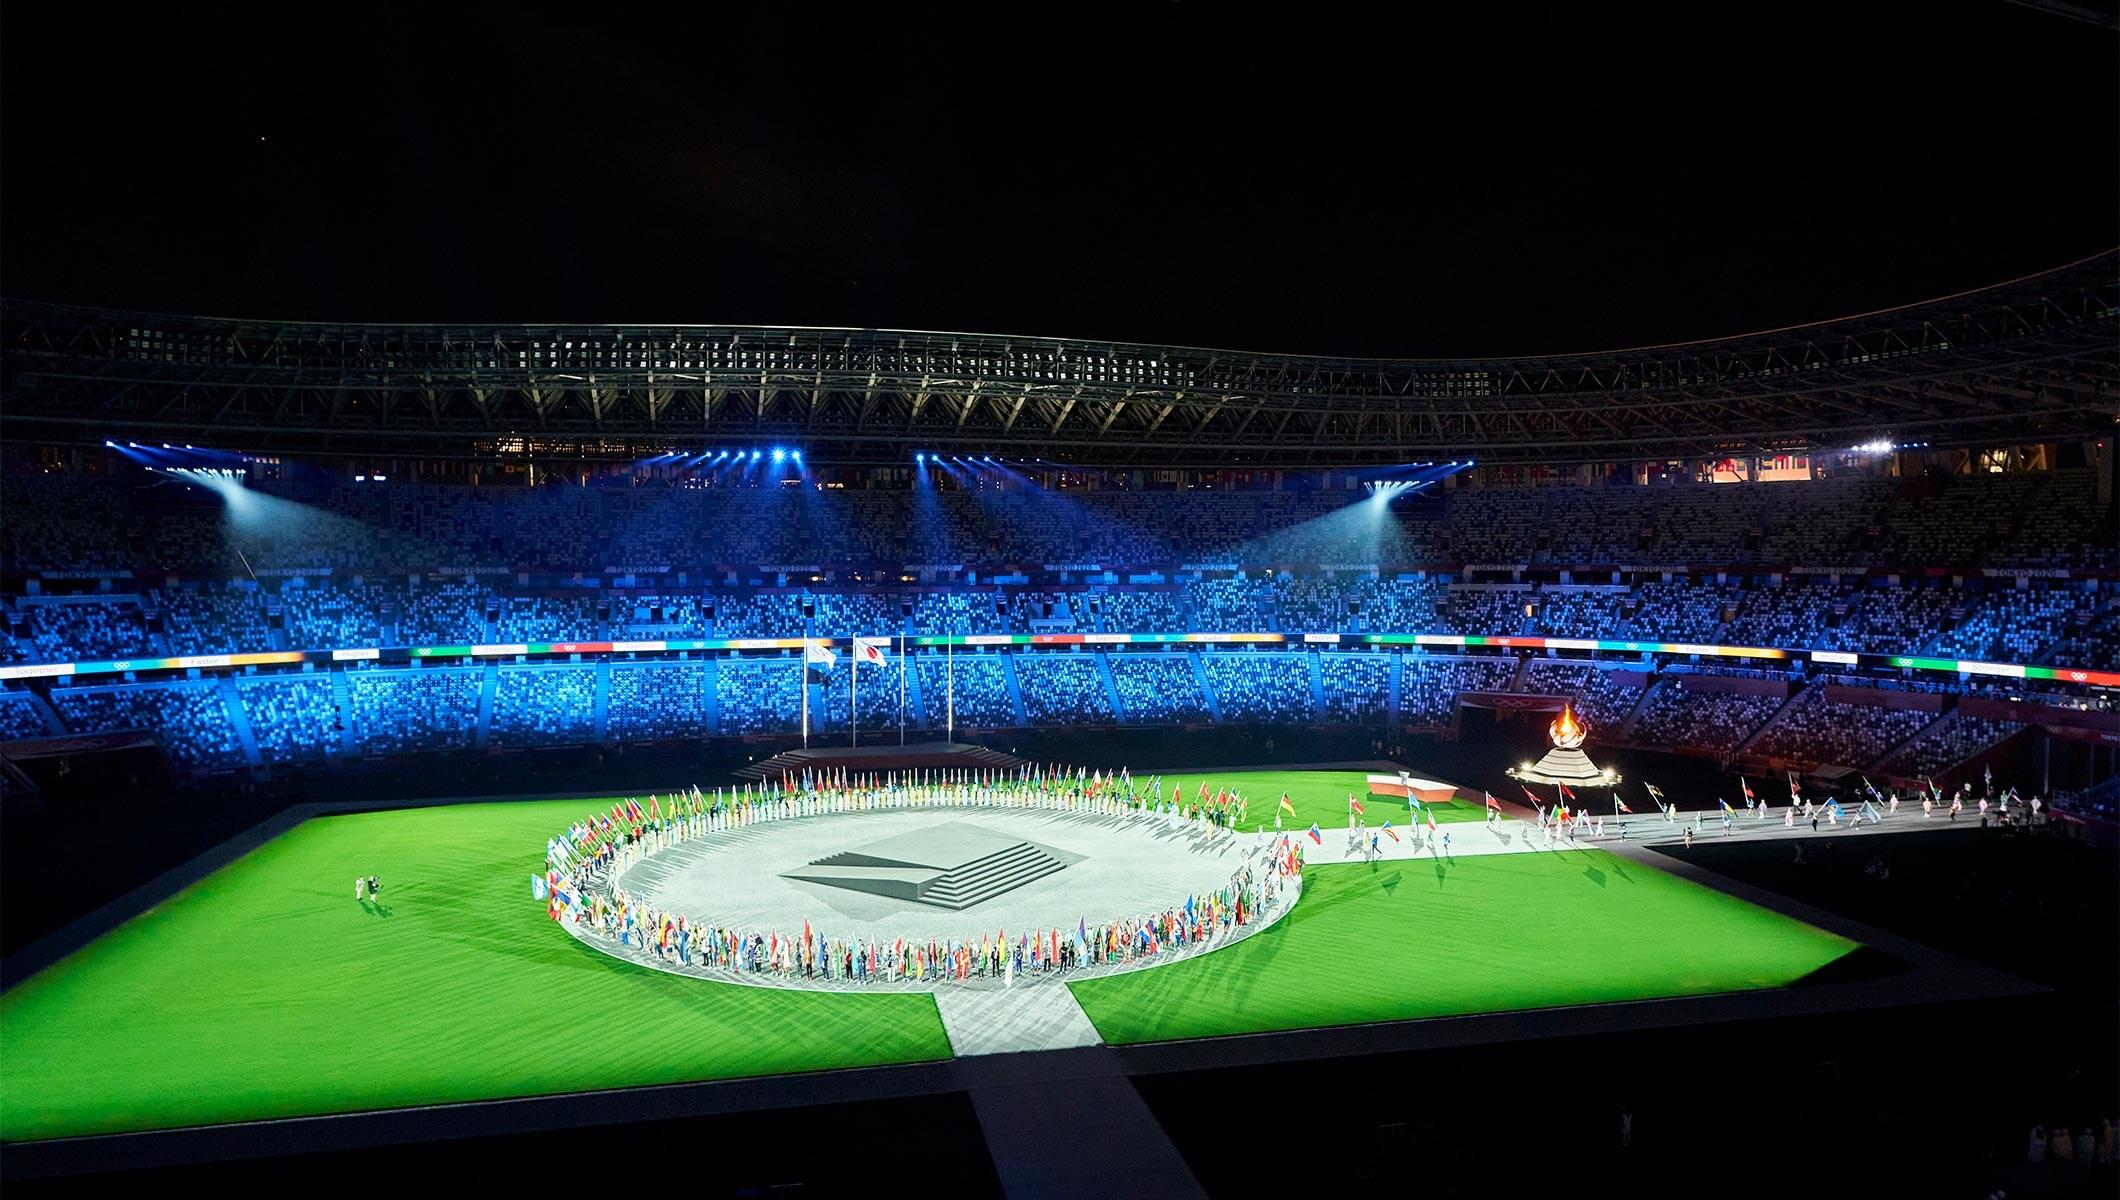 剛結束的2020東京奧運會空無觀眾的閉幕典禮。(取自國際奧會網站)